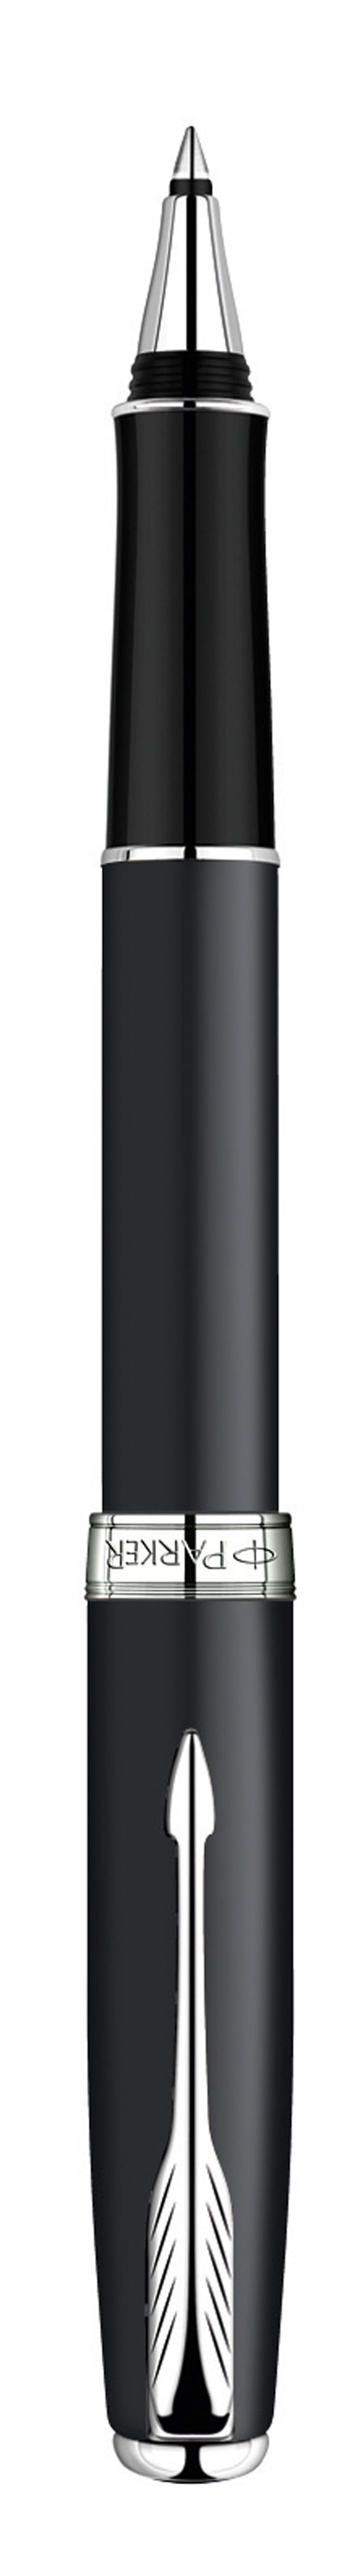 Parker Ручка-роллер Sonnet Matte Black CTPARKER-S0818110Ручка-роллер Parker Sonnet Matt Black CT из самой популярной коллекции Sonnet. Материал ручки - ювелирная латунь с покрытием матовым лаком черного цвета, в отделке применяется посеребрение. В ручке используются стандартные стержни-роллеры Parker, в комплект поставки входит один стержень черного цвета. Данный пишущий инструмент поставляется в фирменной подарочной коробке премиум-класса, что делает его превосходным подарком. В комплекте также идет гарантийный талон с международной гарантией на 2 года.Механизм: съемный колпачокДлина: 13.2 смДиаметр (max): 13 ммЦвет: черныйЦвет отделки: серебристыйСтержень в комплекте черный, F (тонкий)Комплектация: 1 стержень в коробке, подарочная коробка, гарантийный талон